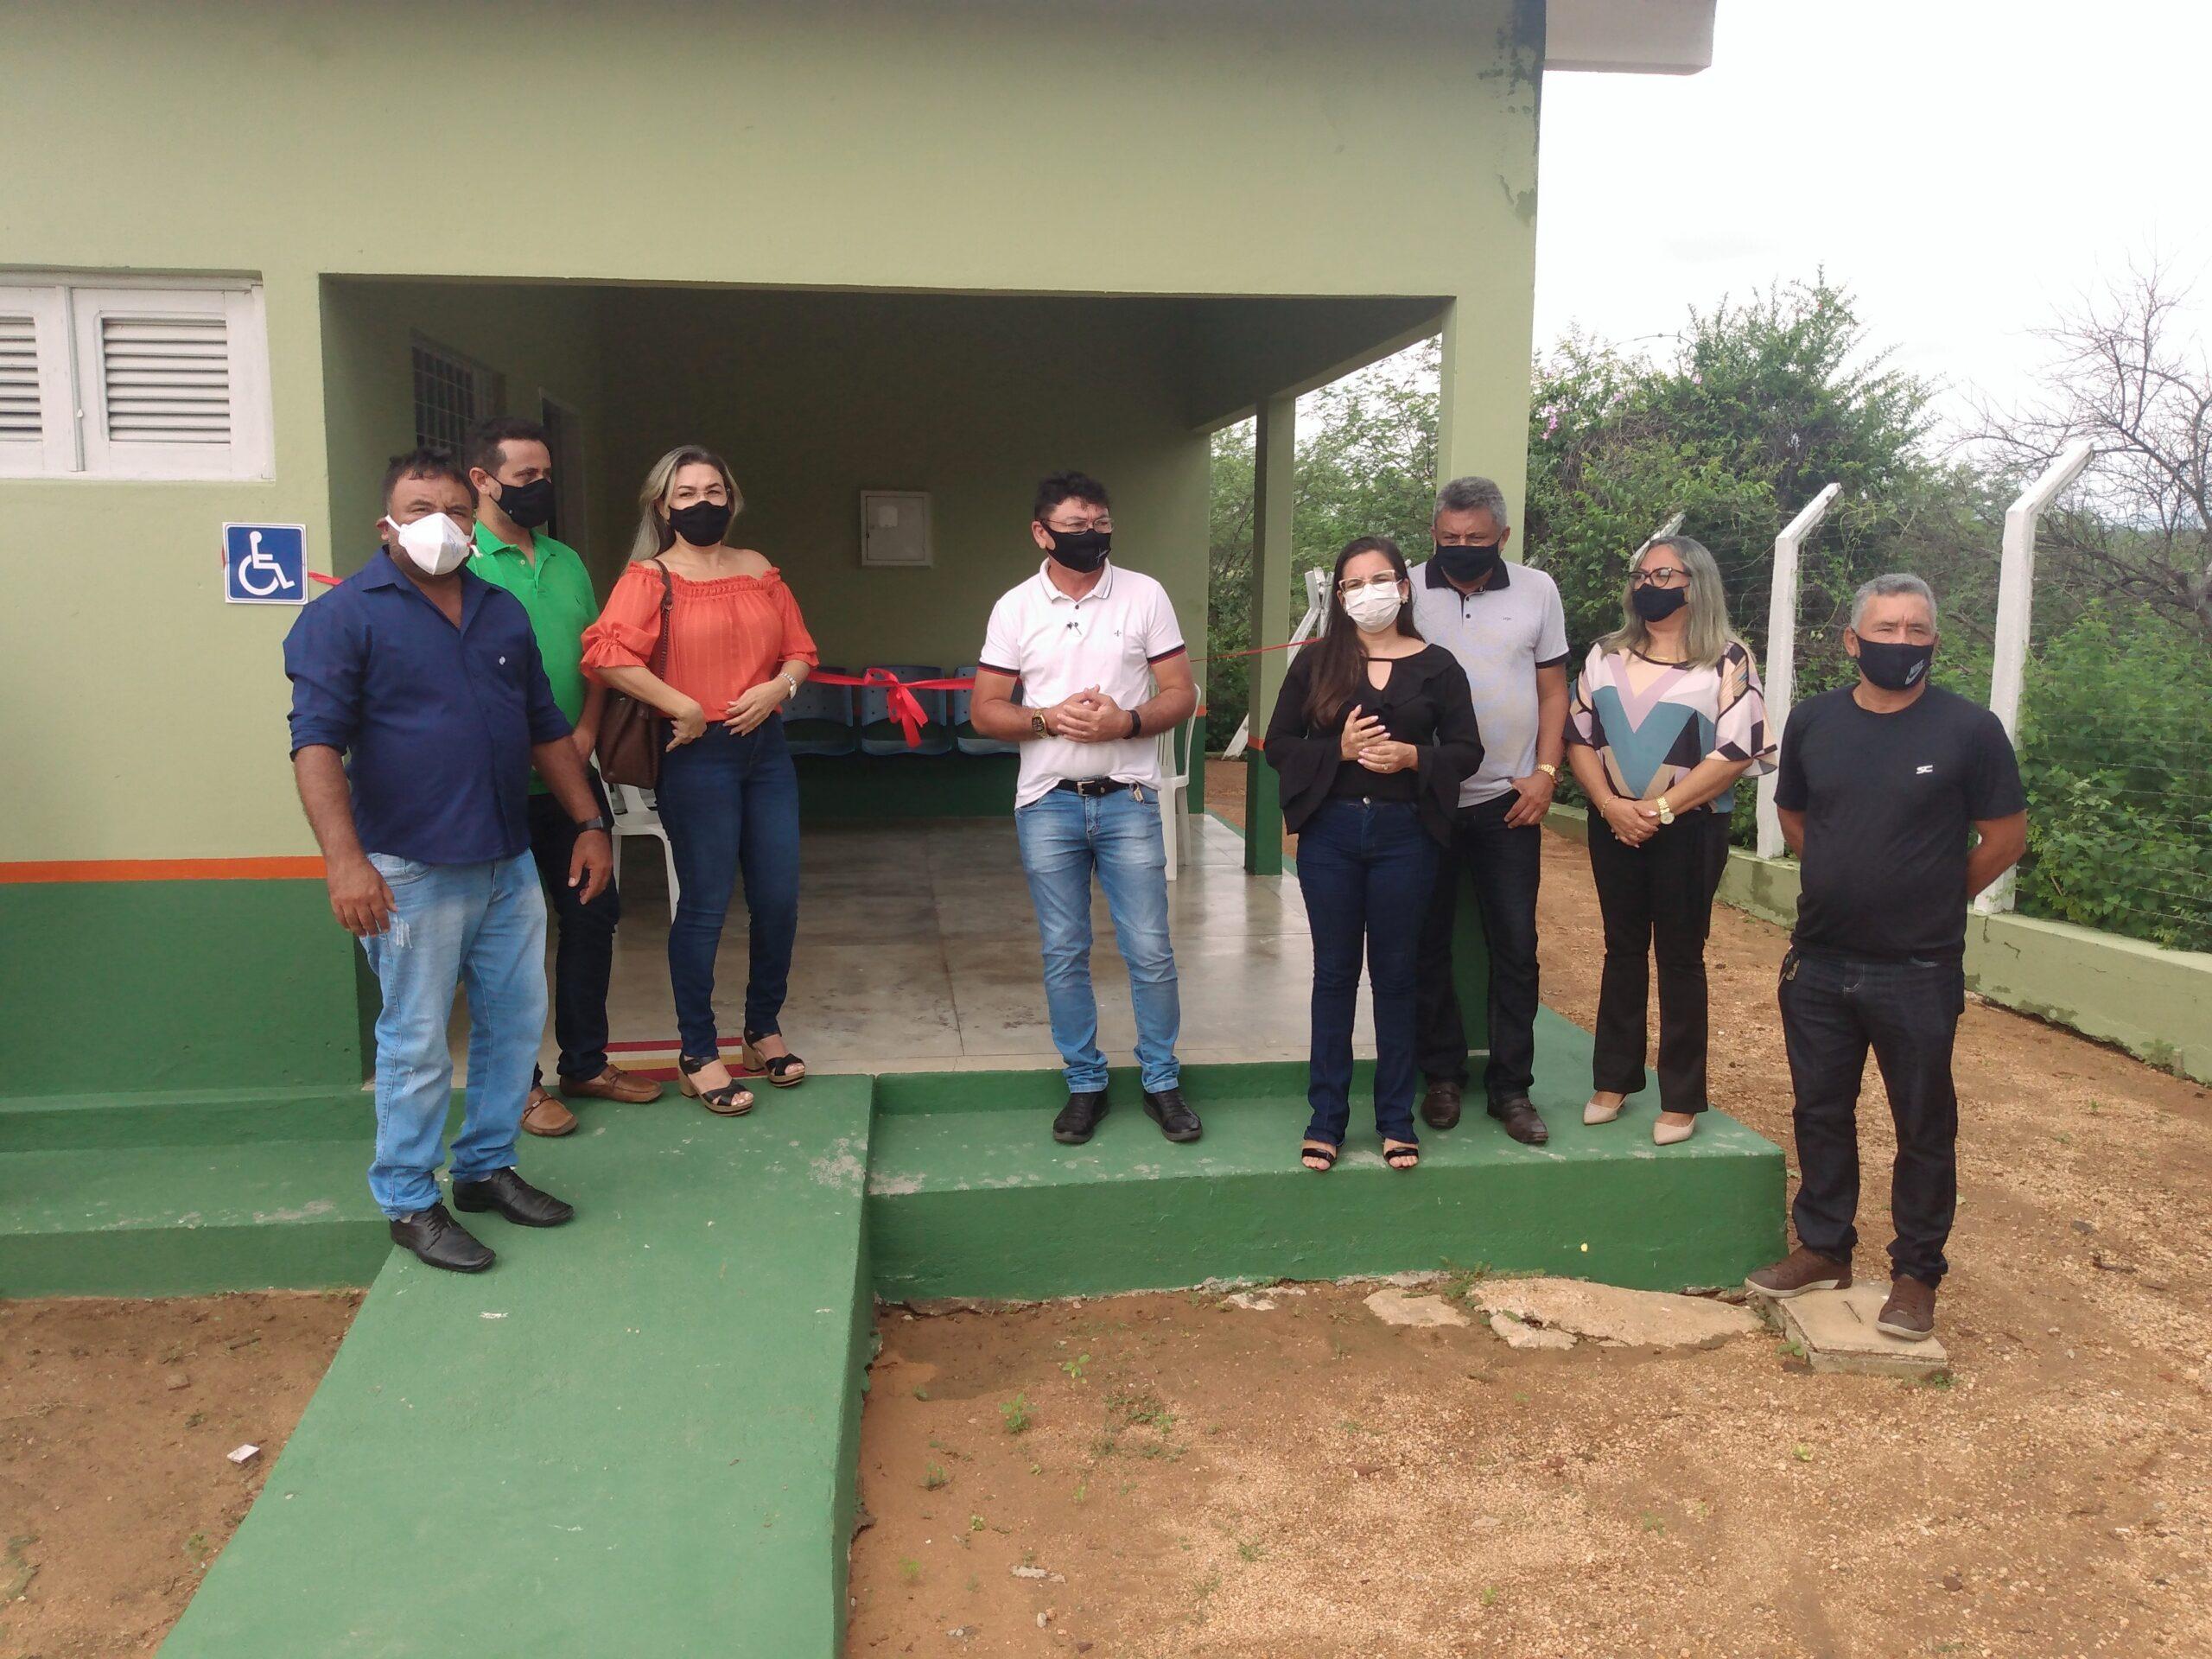 Prefeitura de Jericó reinaugura âncora de saúde na comunidade Gangorra